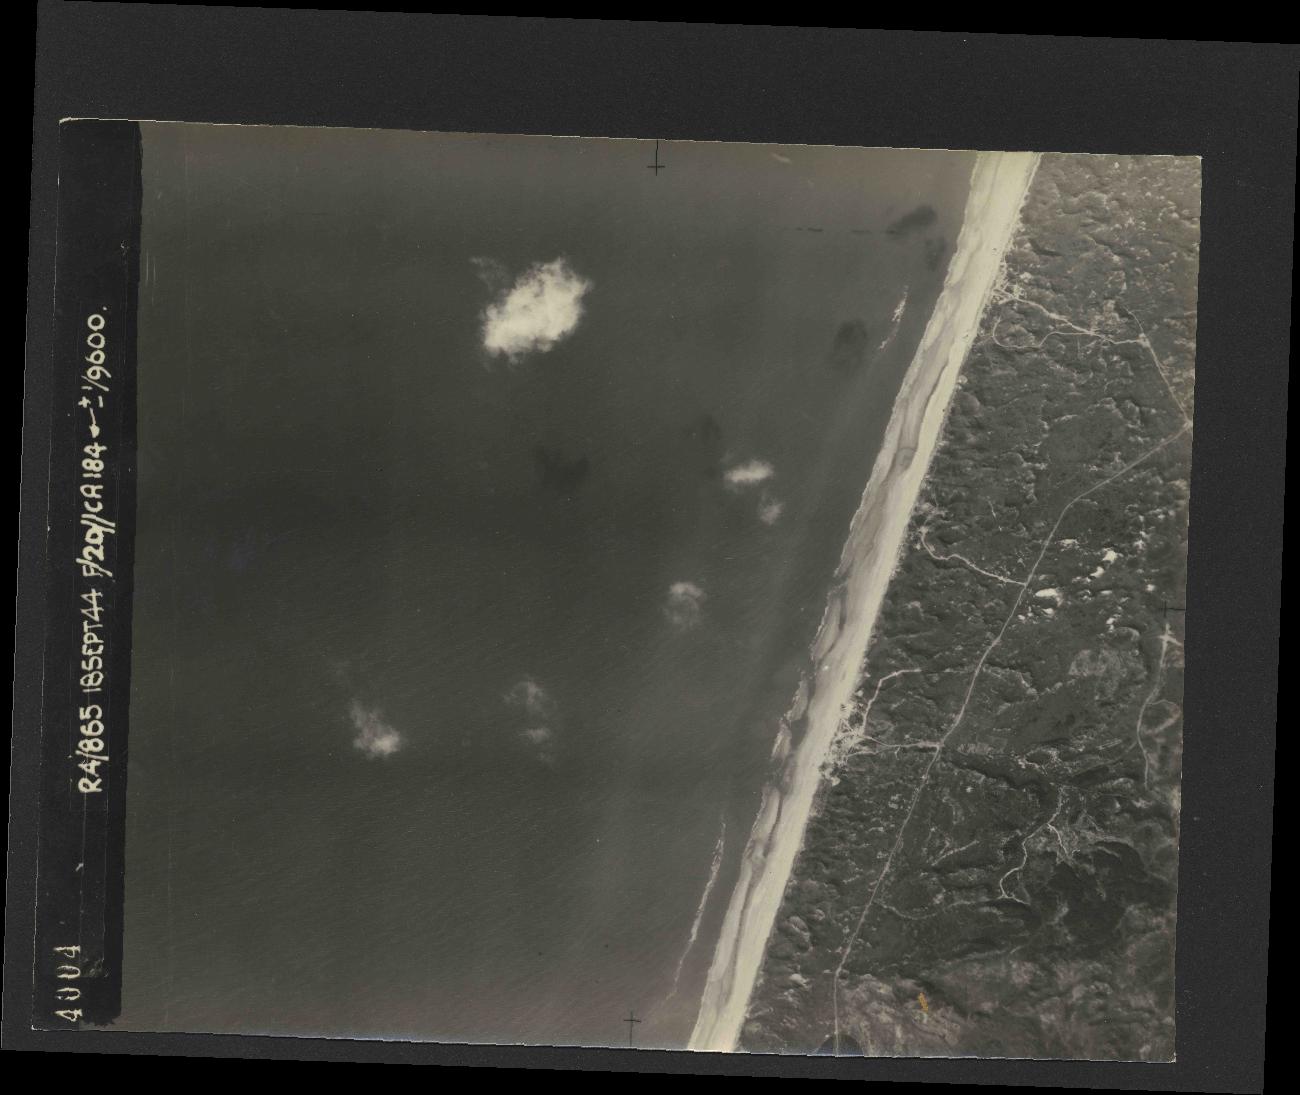 Collection RAF aerial photos 1940-1945 - flight 280, run 01, photo 4004